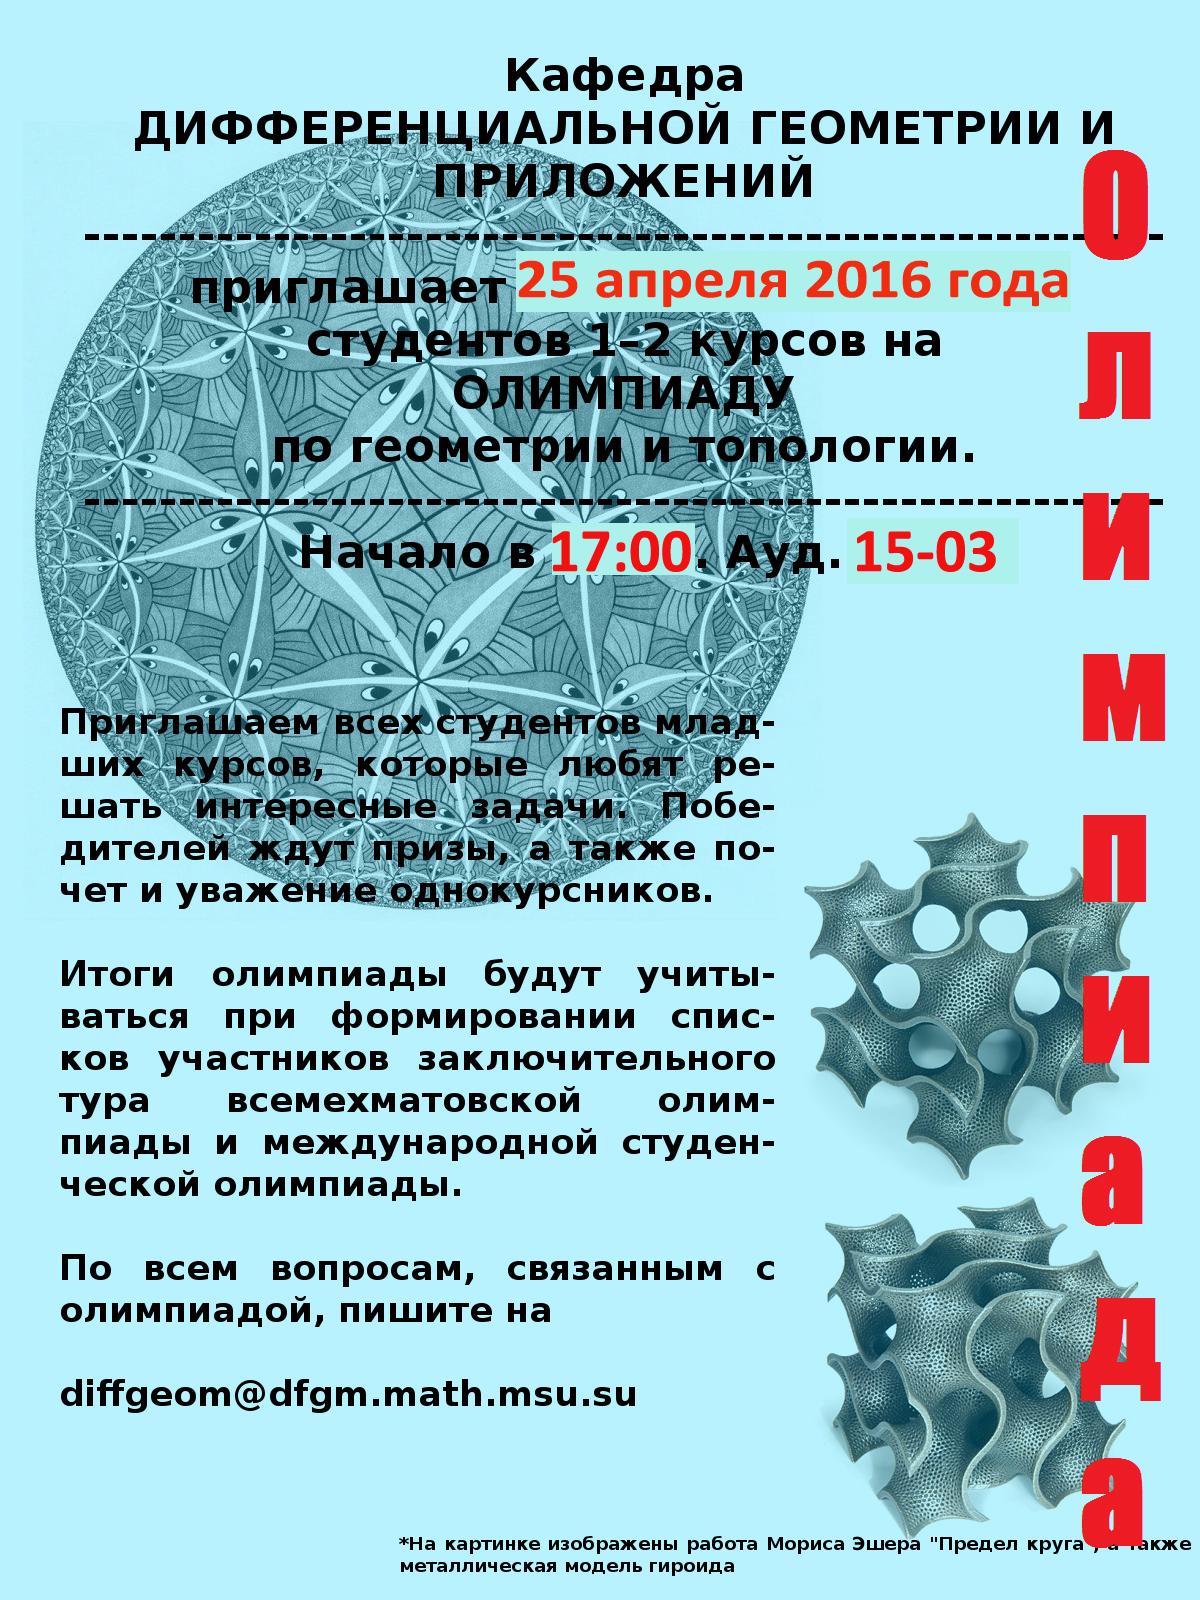 Олимпиада по геометрии и топологии для студентов младших курсов 25 апреля в 17:00